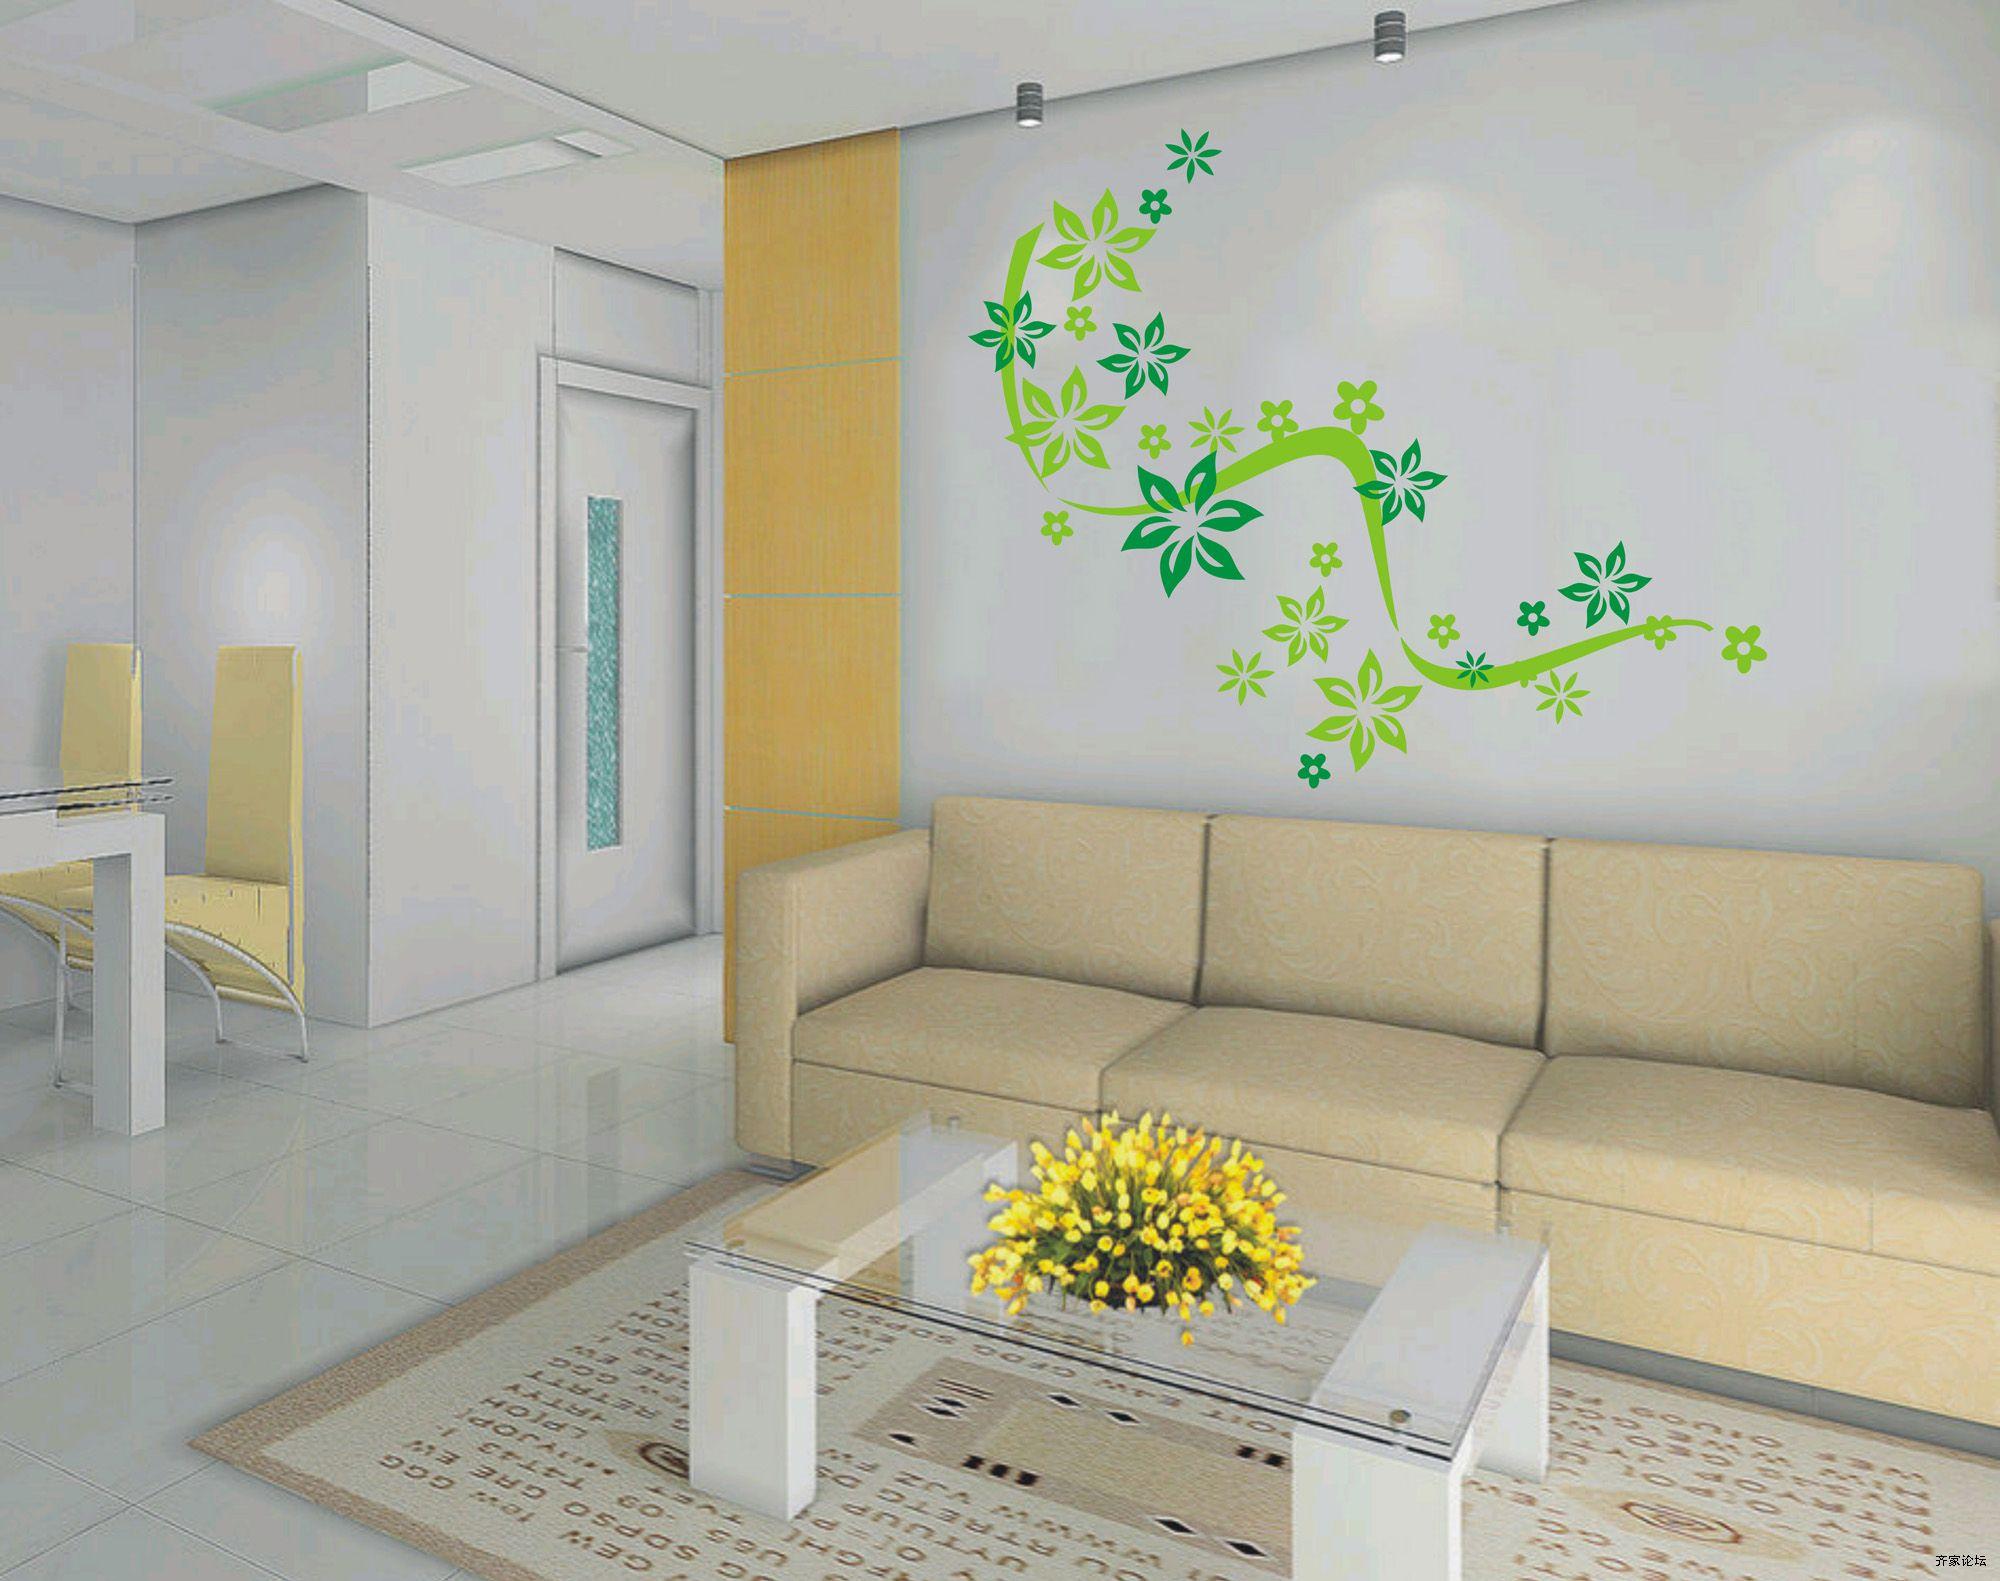 高唐时尚墙绘工作室专业绘制影视墙 儿童房,冬季优惠